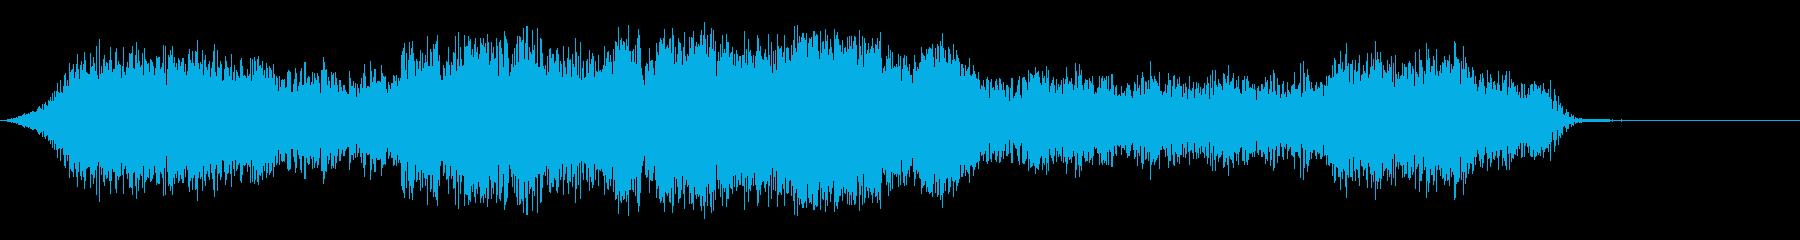 ミステリーホローの再生済みの波形